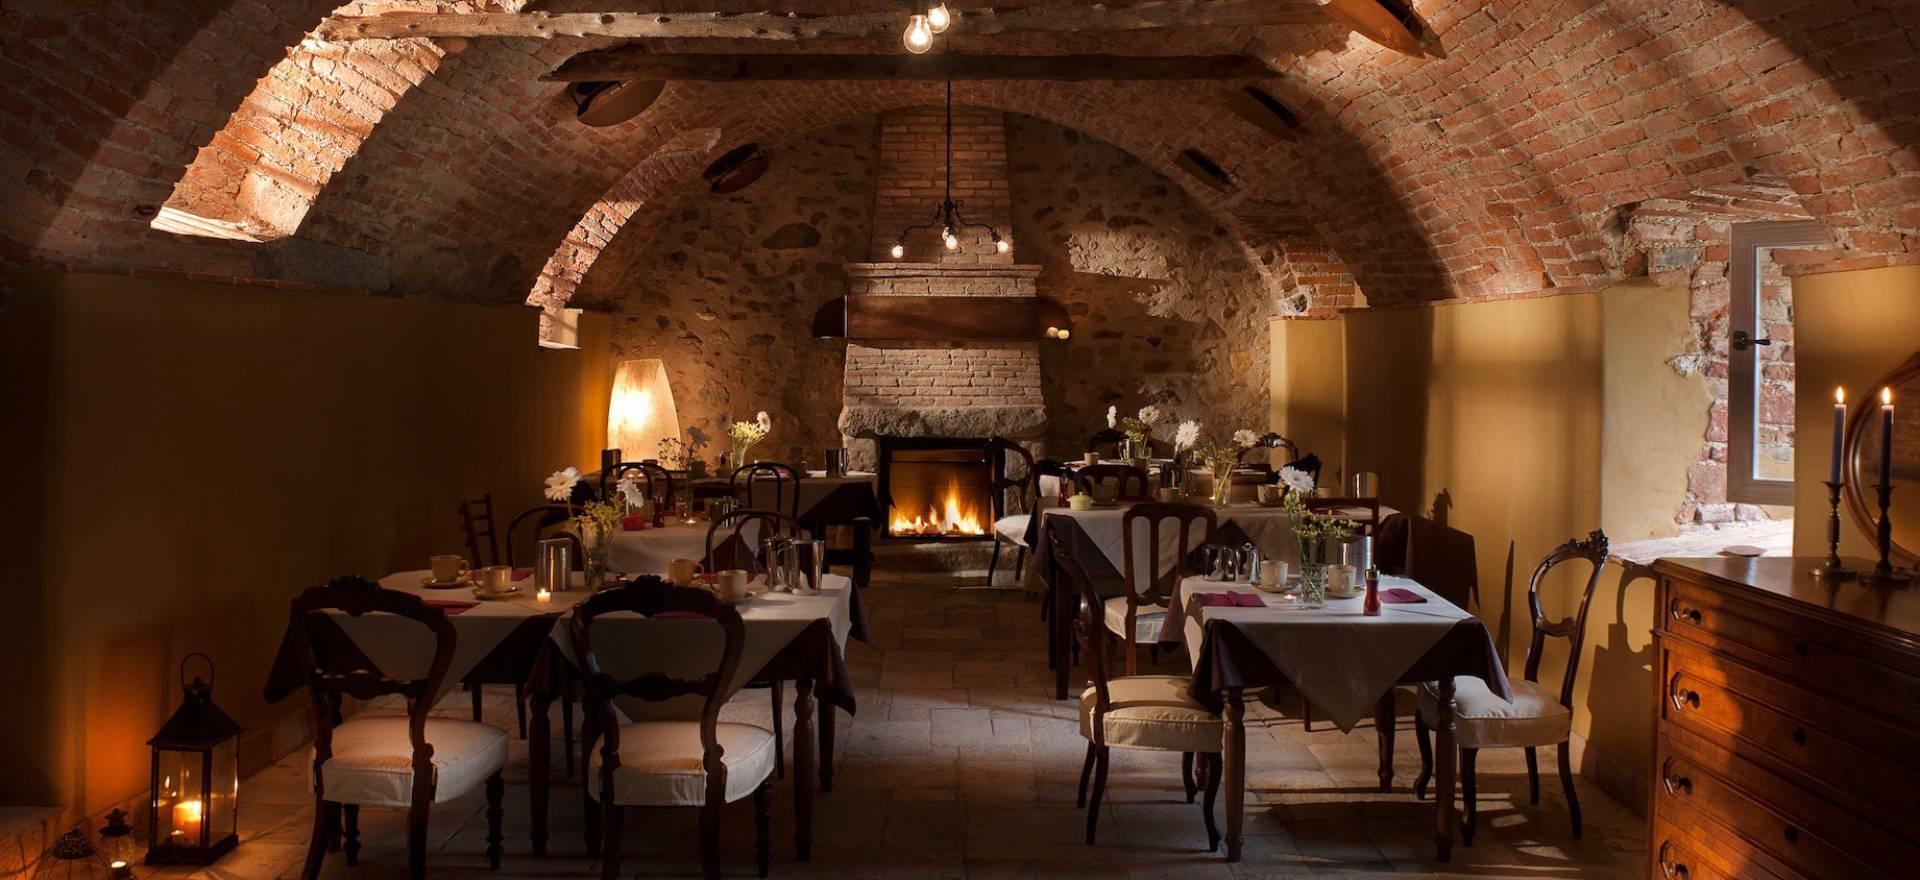 Agriturismo Comer See und Gardasee Country Hotel am Gardasee, für Luxus- und Ruheliebhaber